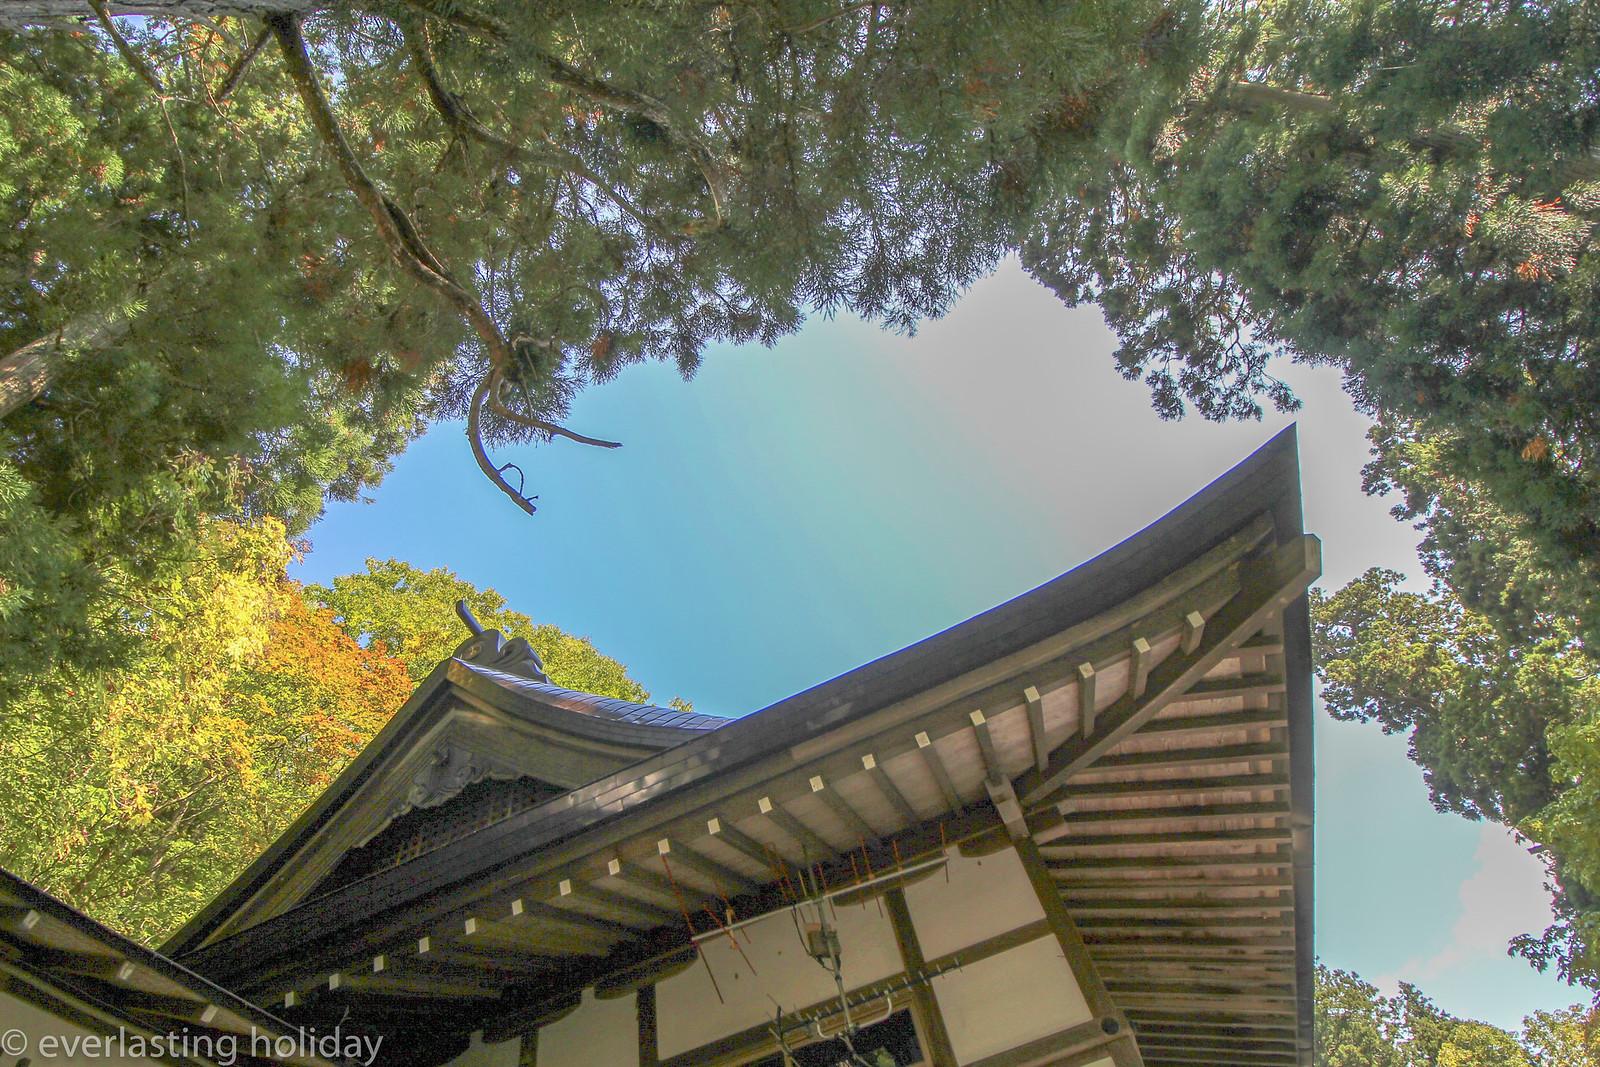 戸隠神社 Togakushi-jinja Shrine-0003